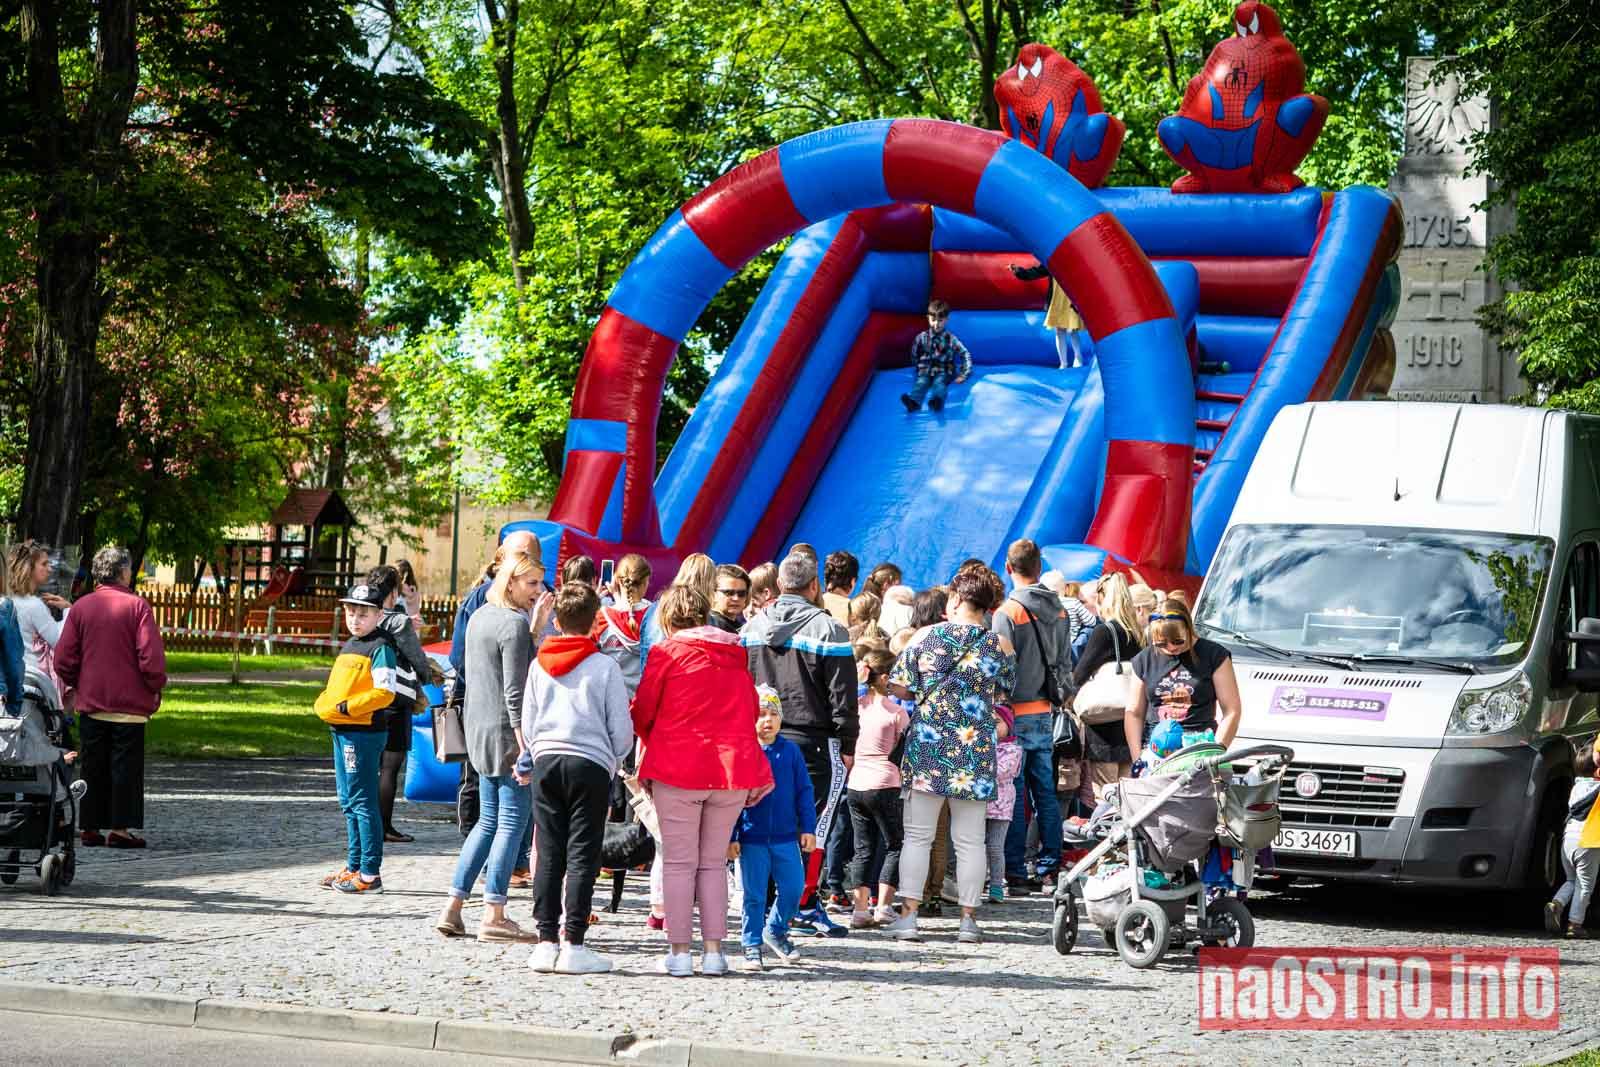 NaOSTROinfo Dzień Dziecka Ćmielów 2021-1